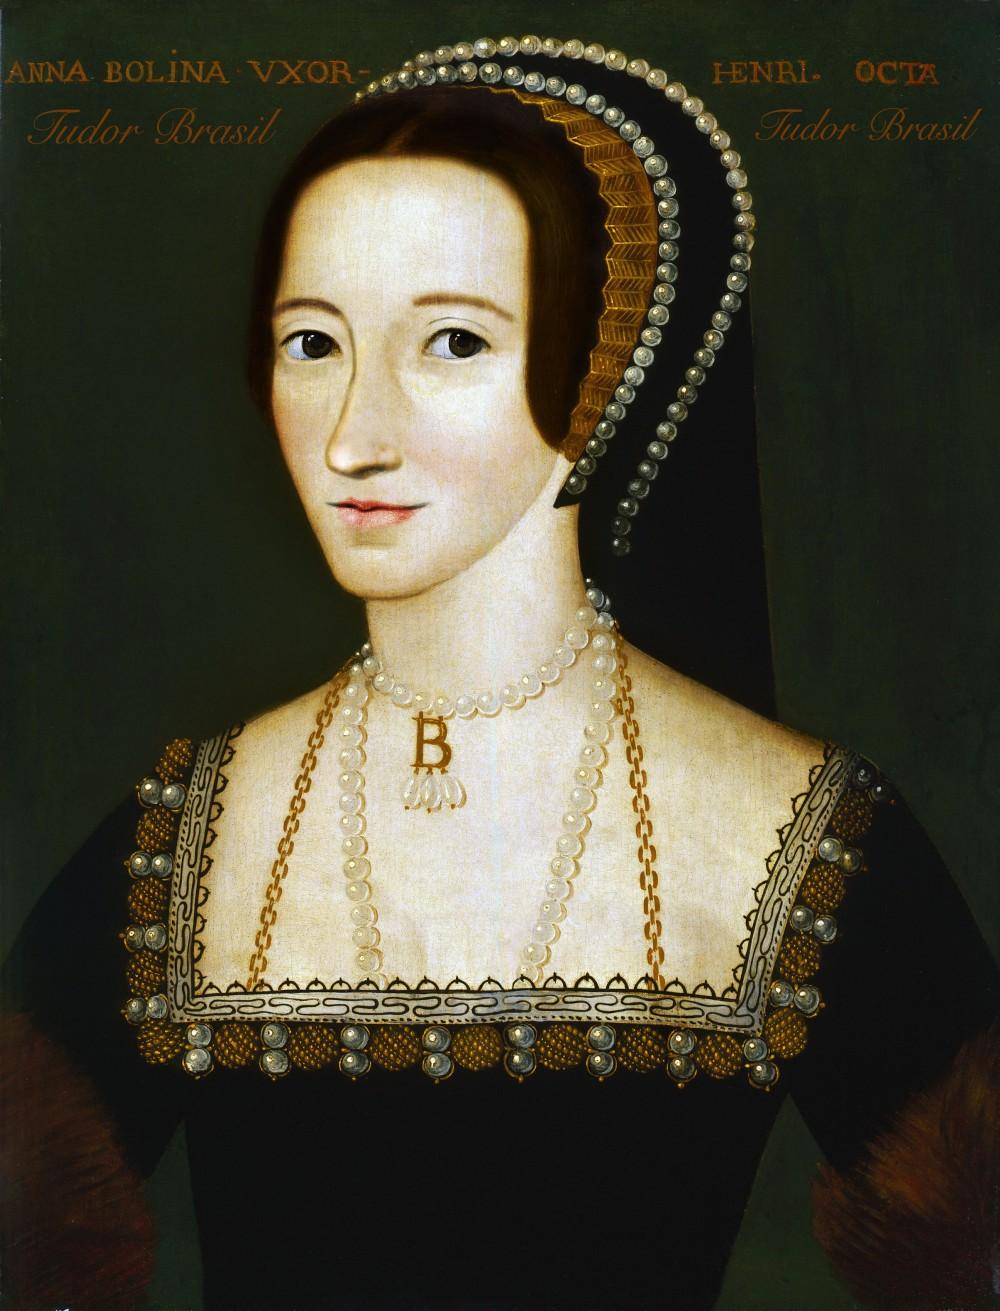 Anne Boleyn,by Tudor Brasil